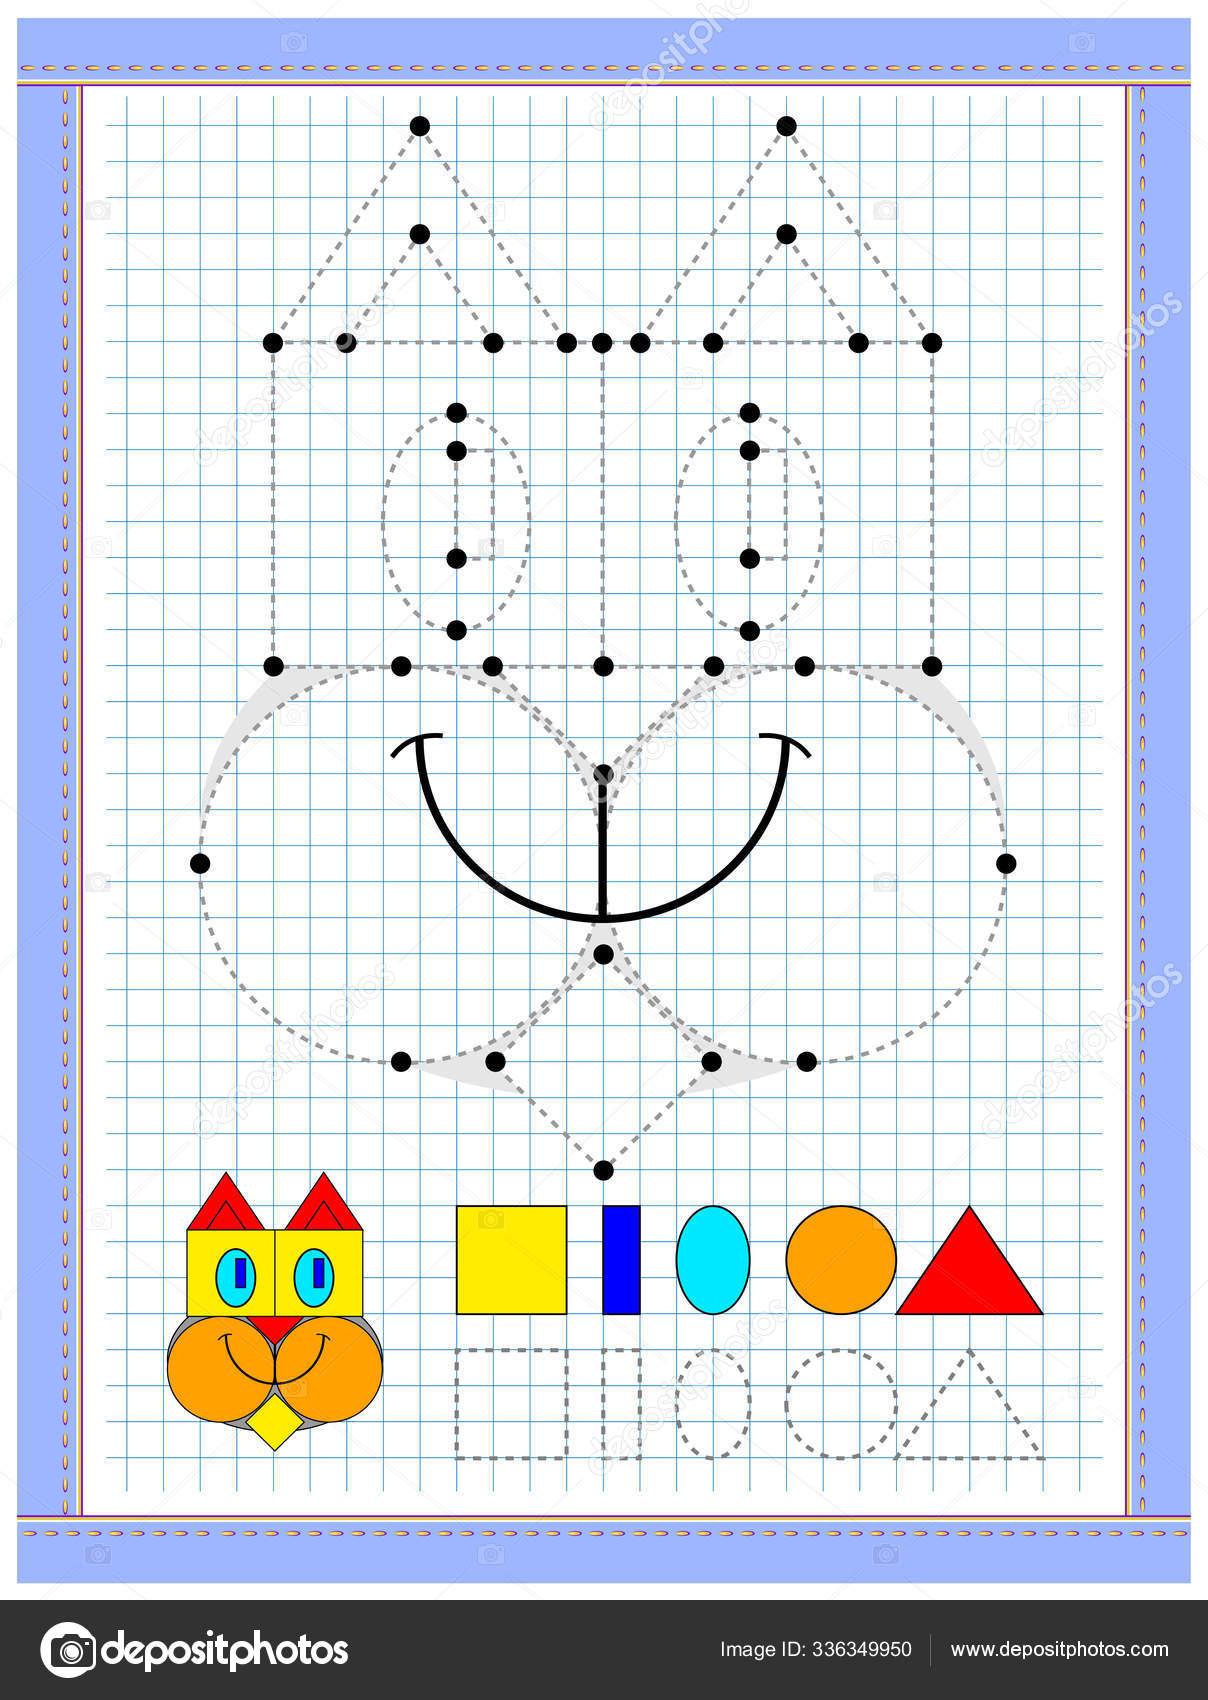 Cocuklarin Geometrik Figurleri Incelemesi Icin Egitim Sayfasi